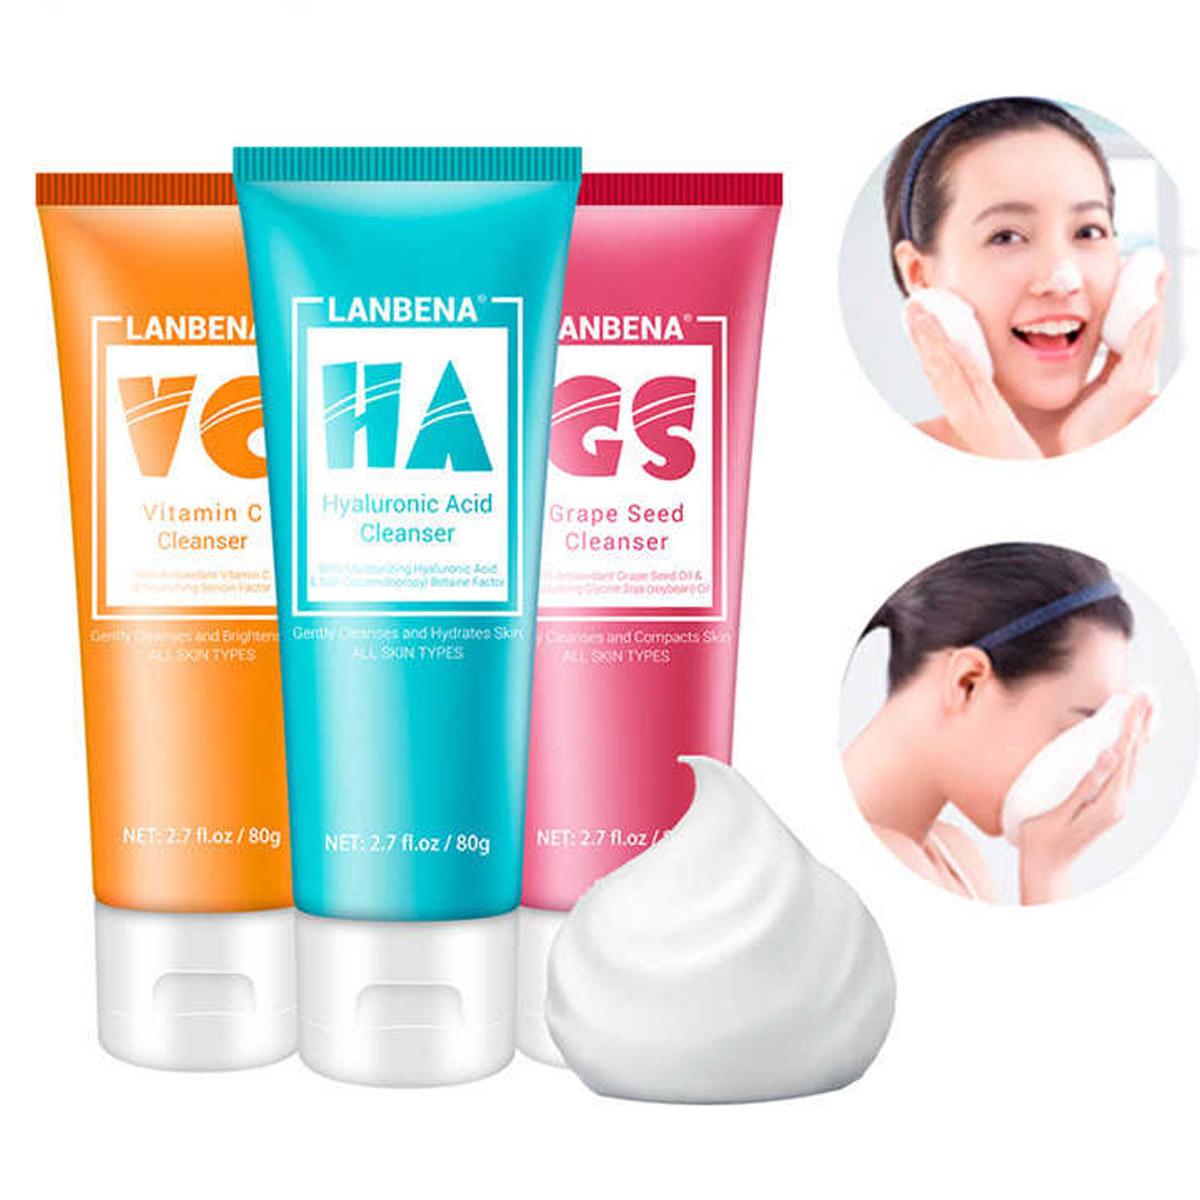 Limpiador Facial Lanbena Espuma Para Limpieza Profunda 80gr